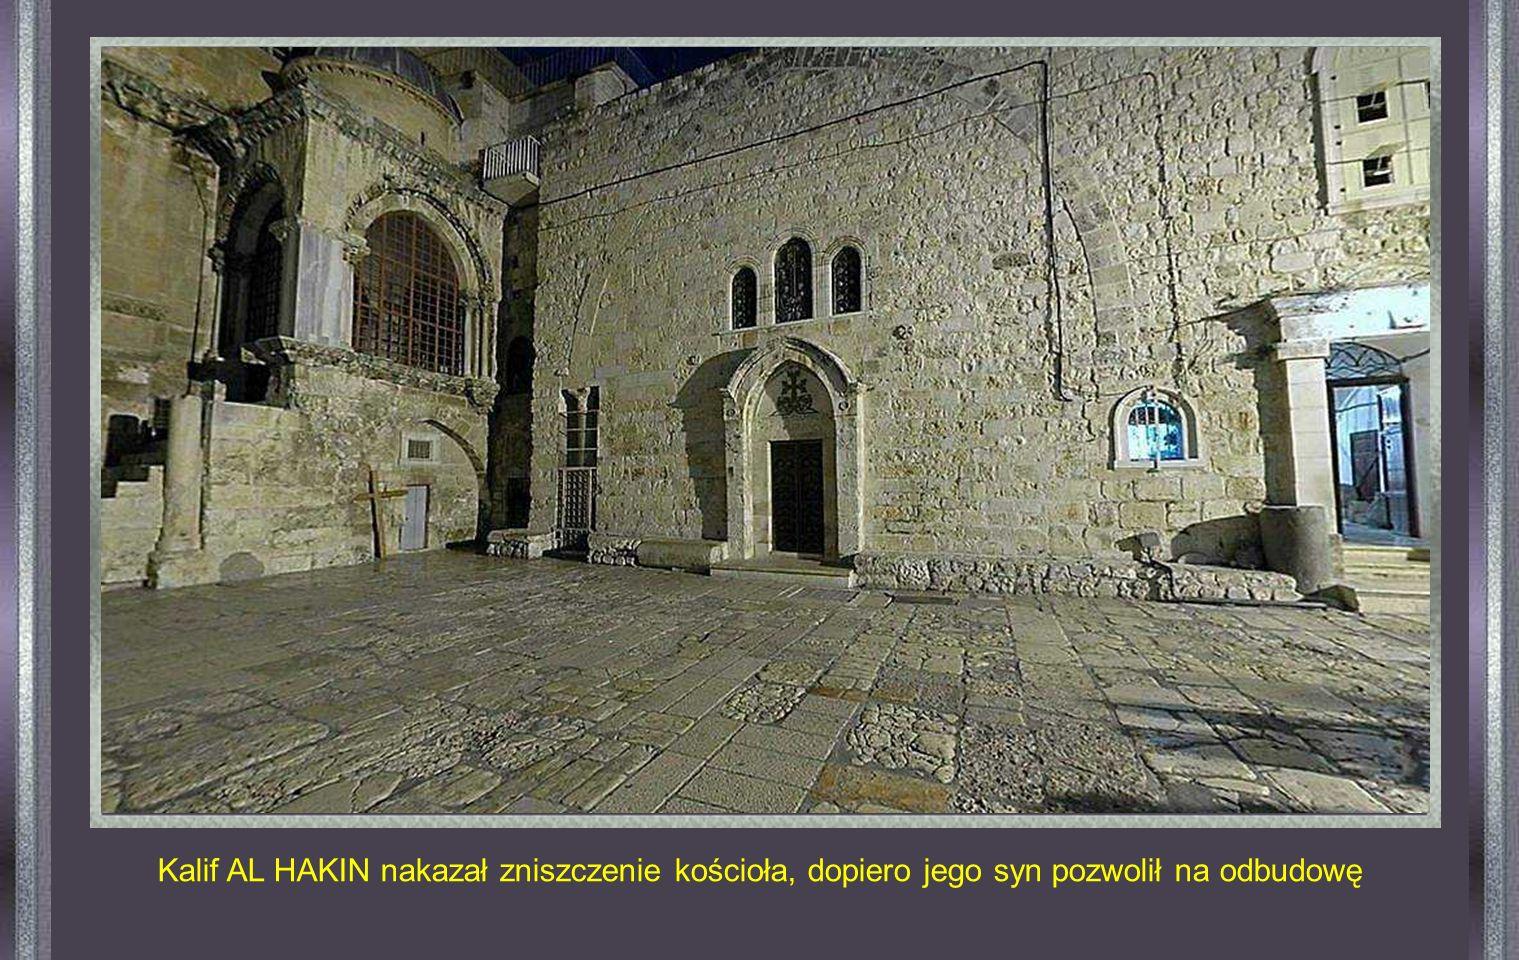 Kalif AL HAKIN nakazał zniszczenie kościoła, dopiero jego syn pozwolił na odbudowę